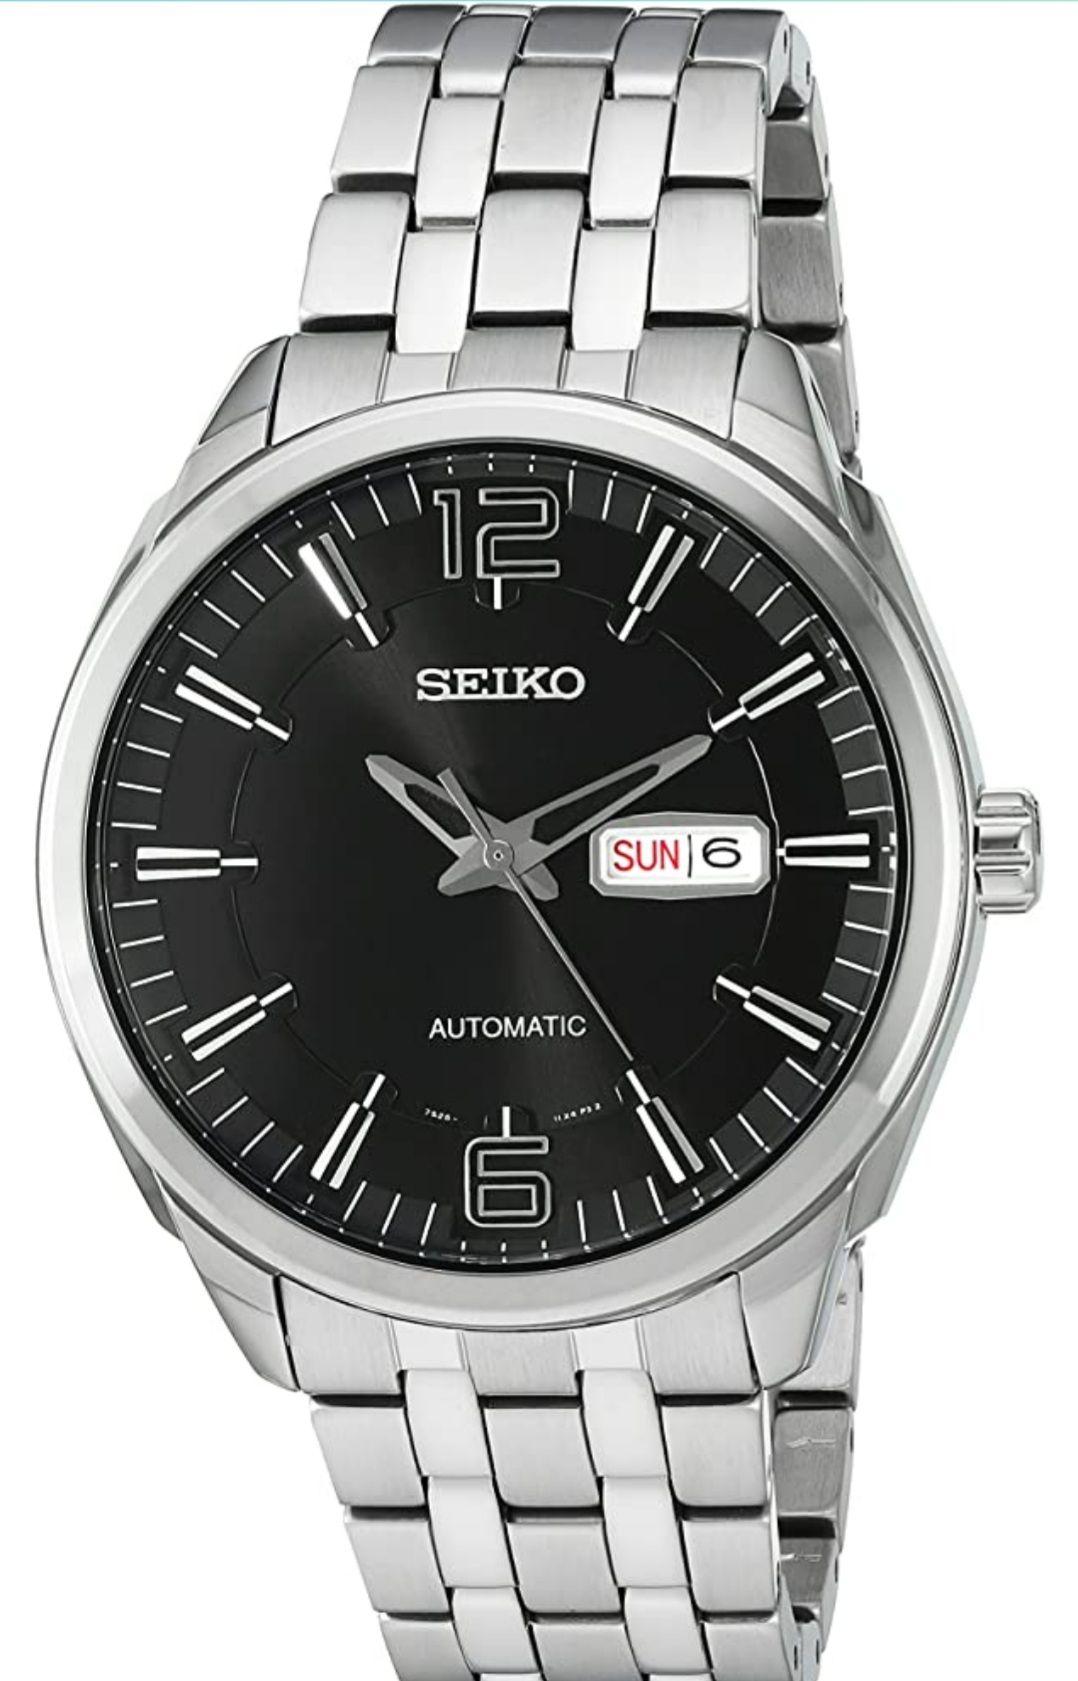 Seiko Recraft automático (precio final incluyendo envio e impuestos)